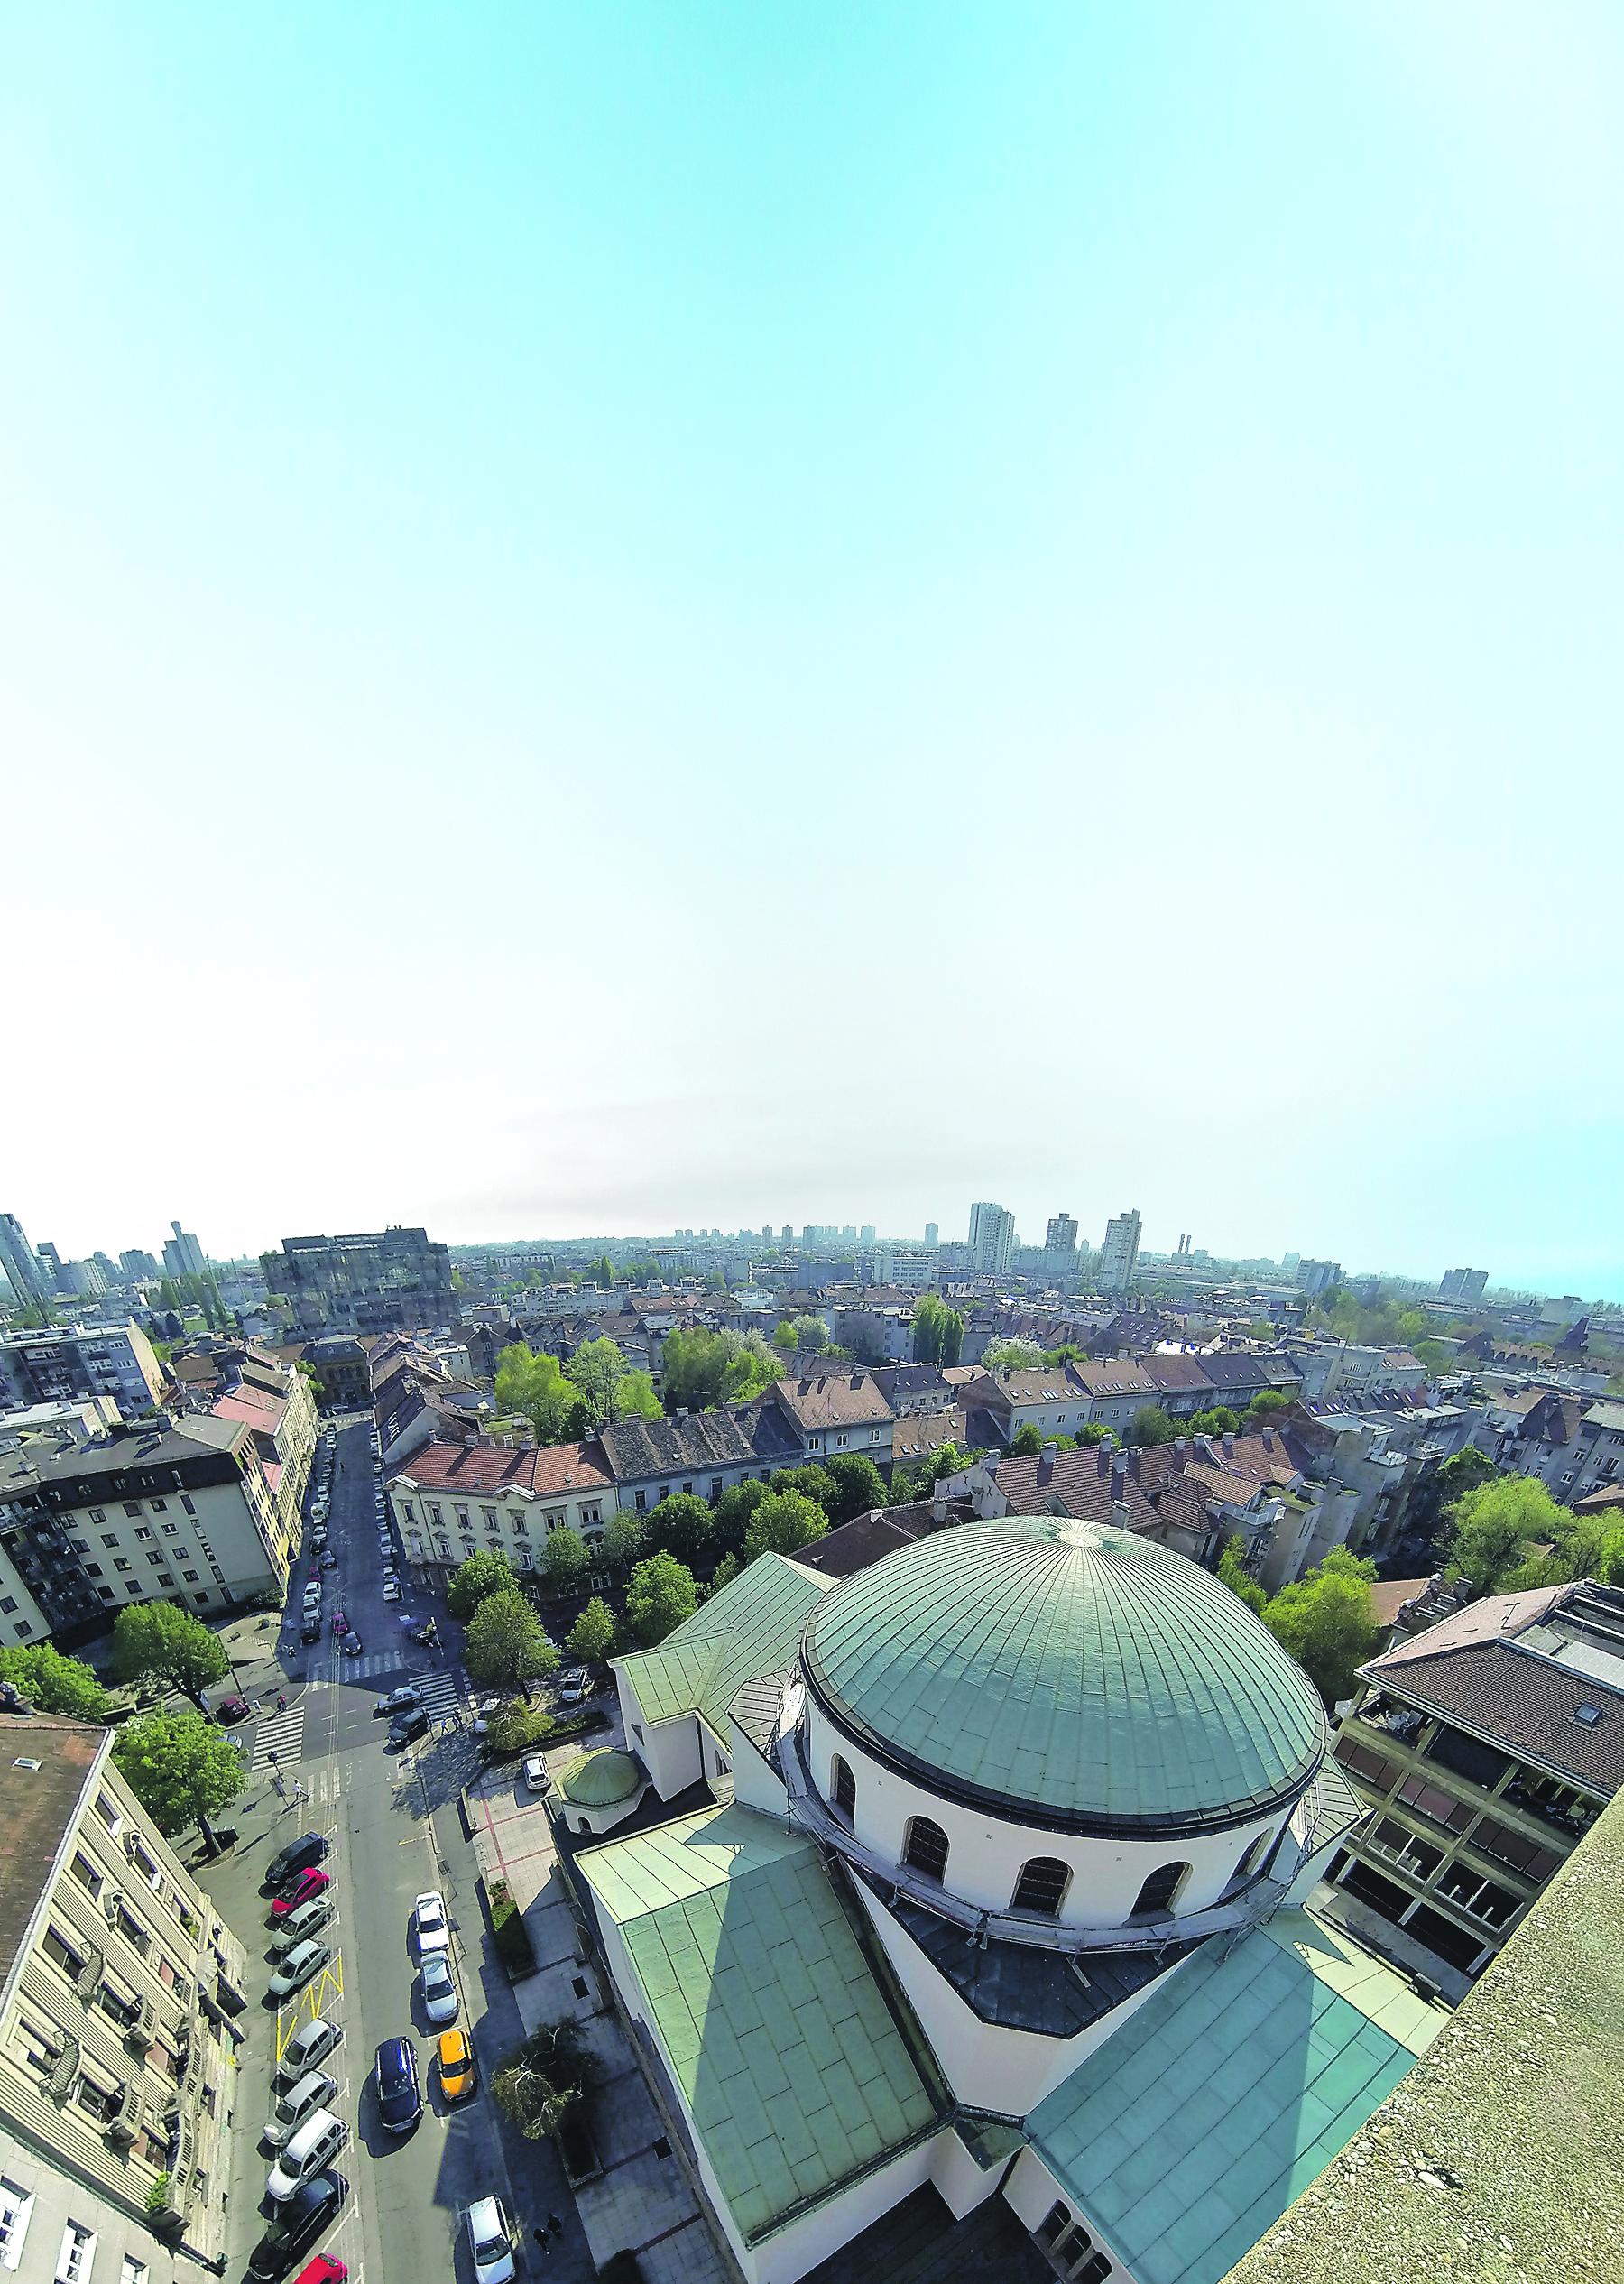 116640-149576-svblaz_kupola21-030417